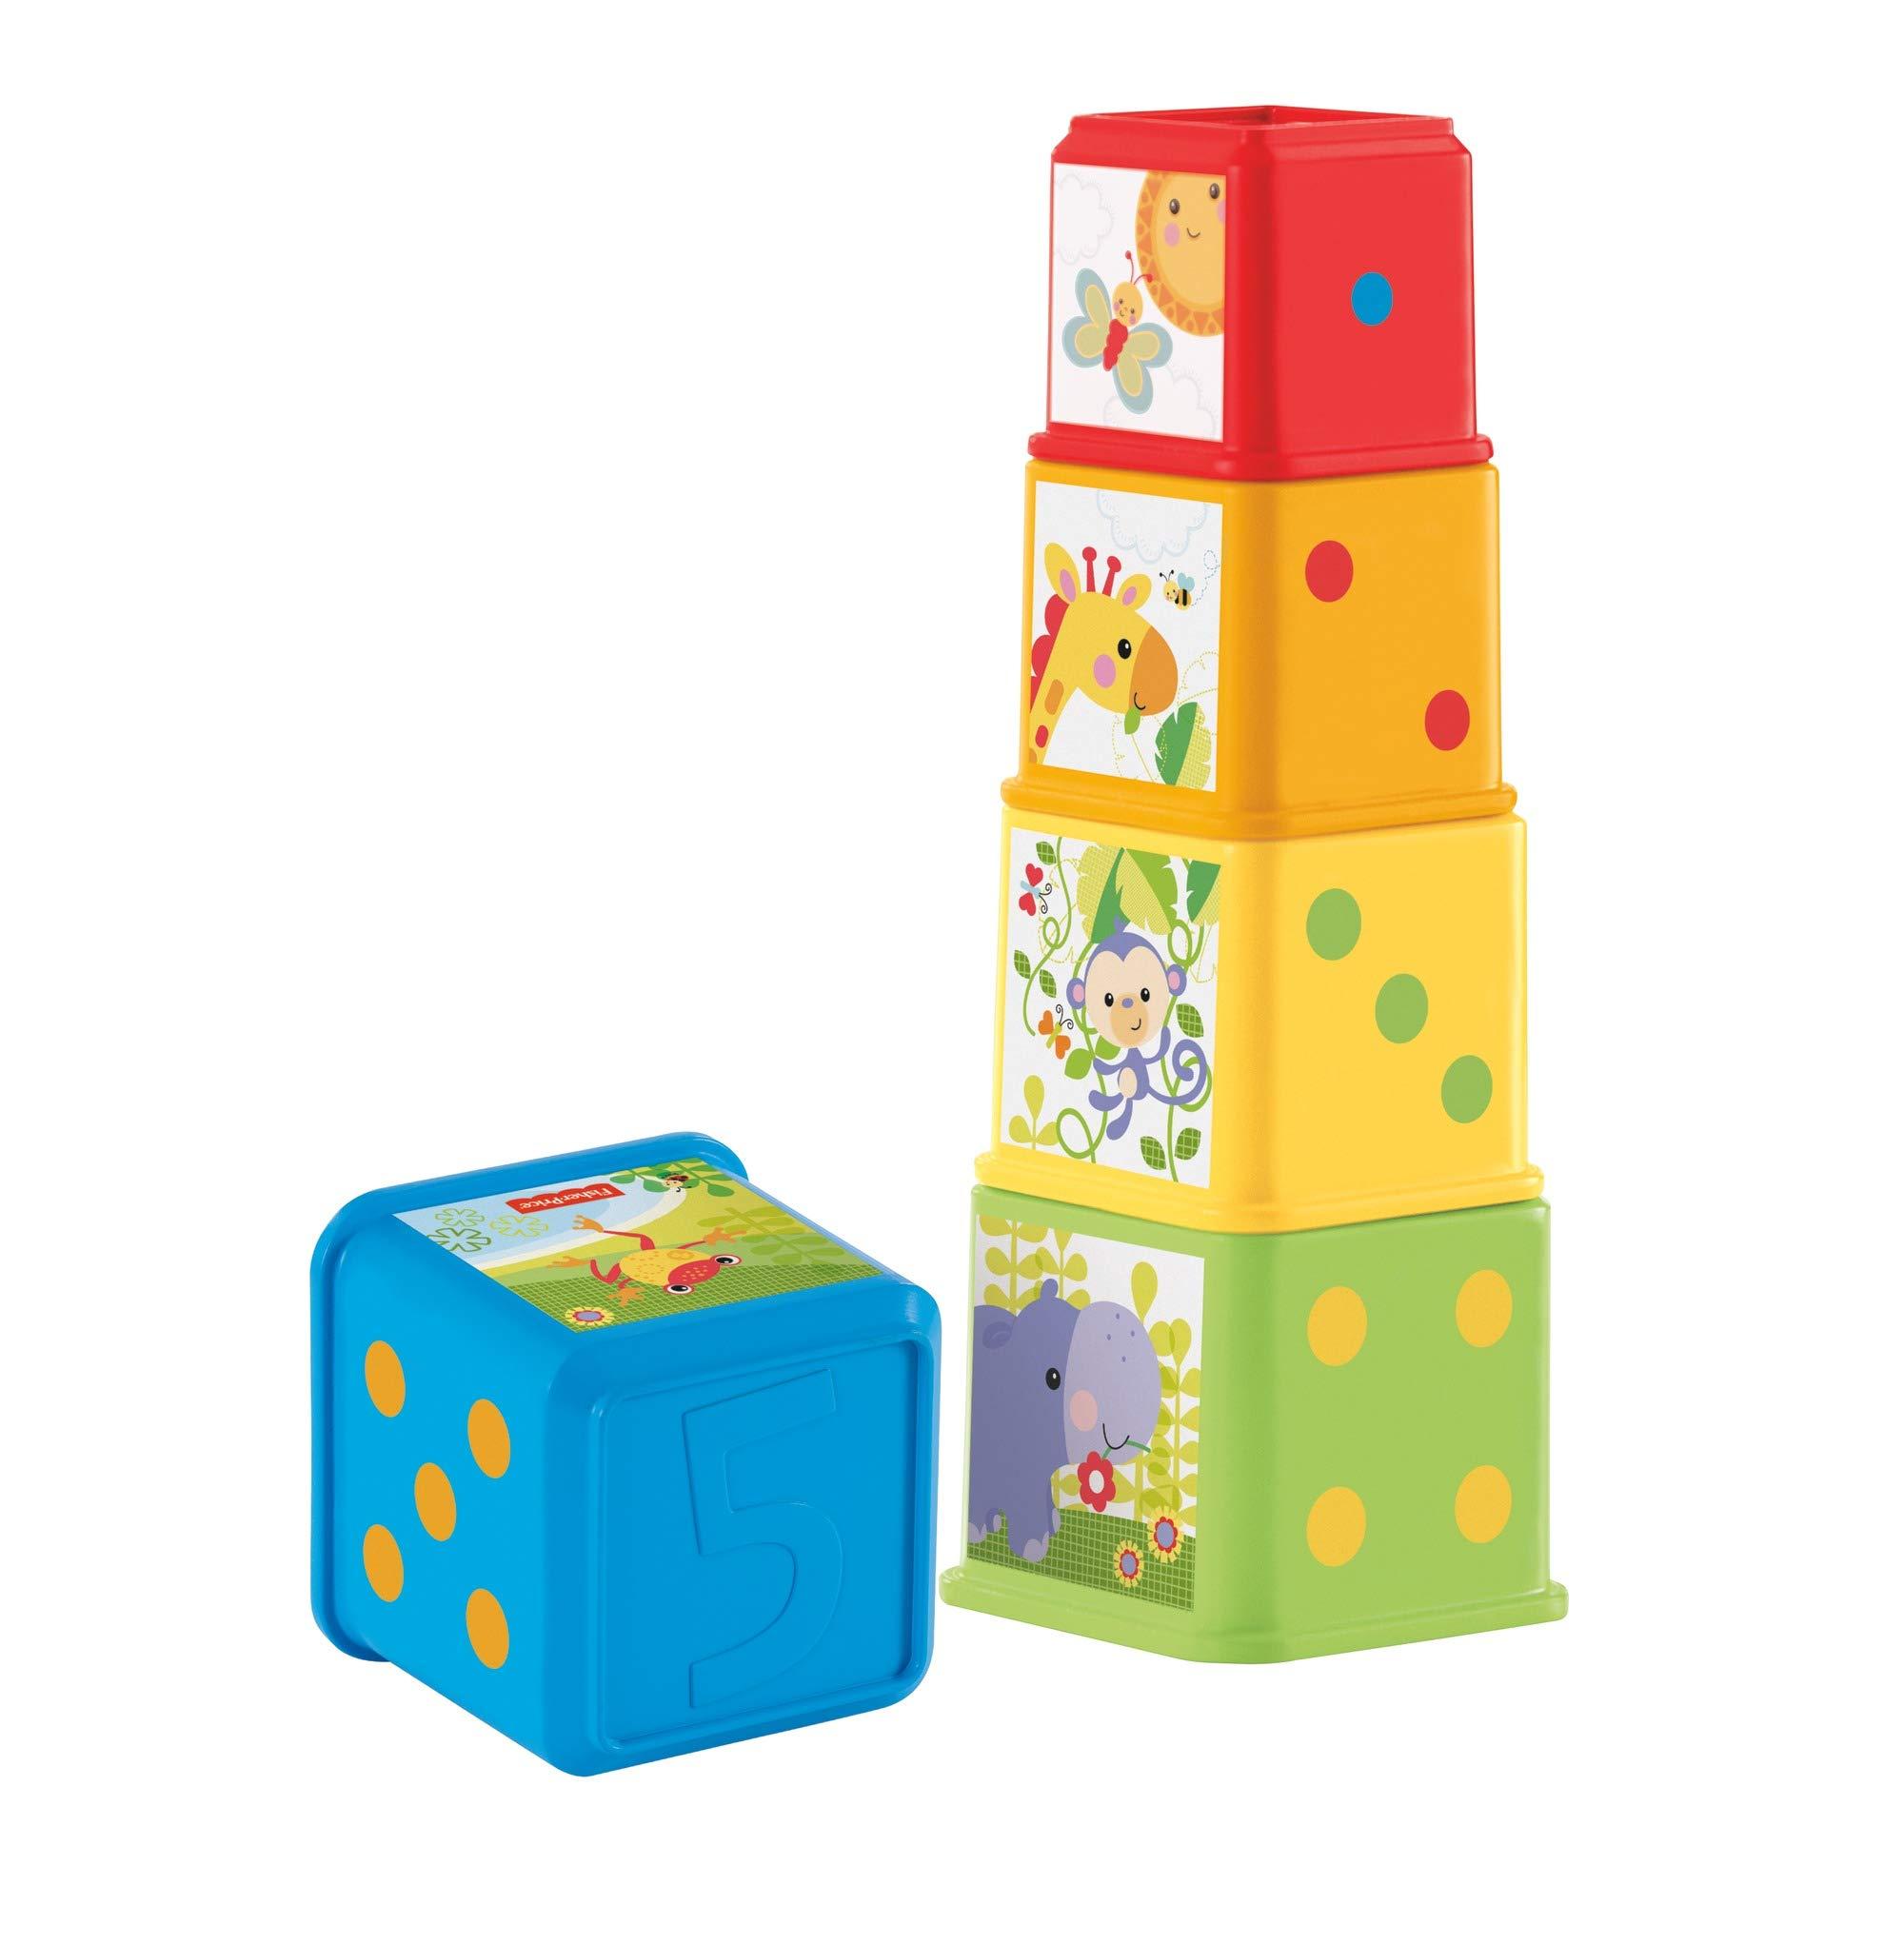 Fisher-Price Bloques apila y descubre, juguete bebé (Mattel CDC52) product image